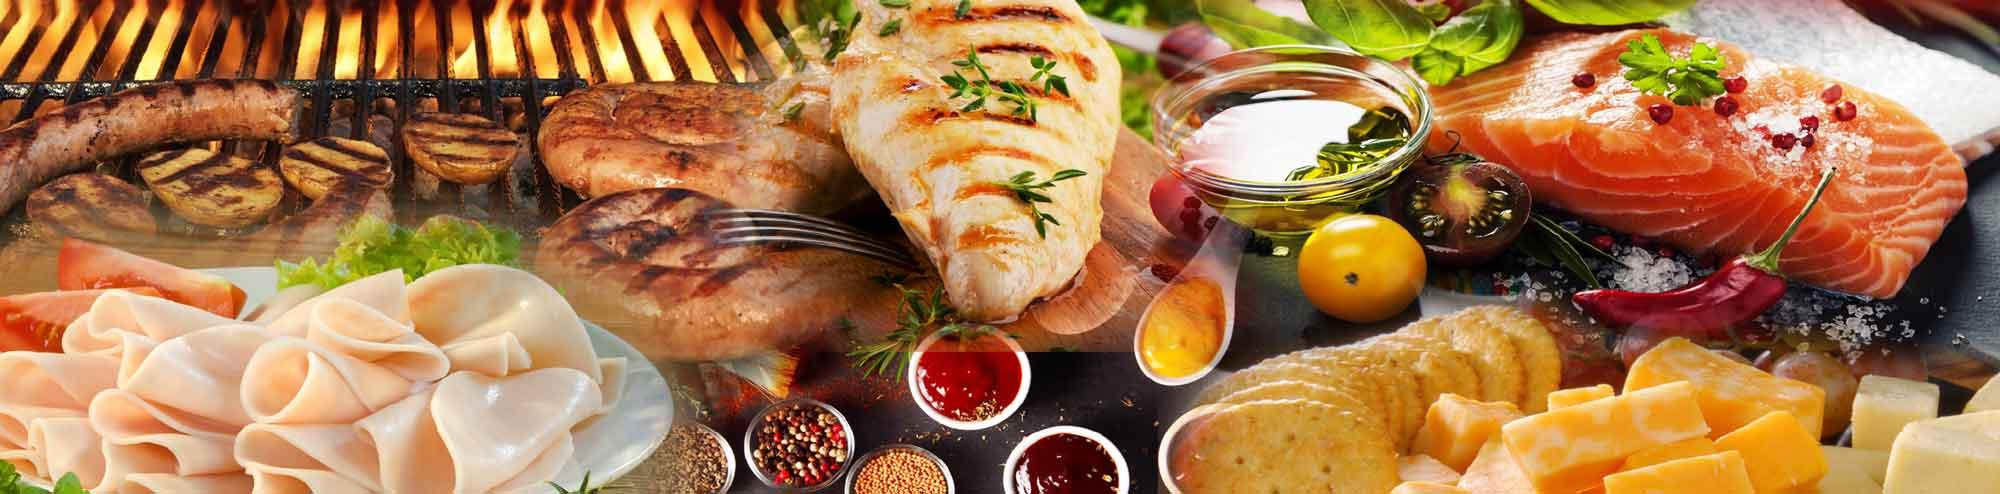 food ingredients hawkins inc